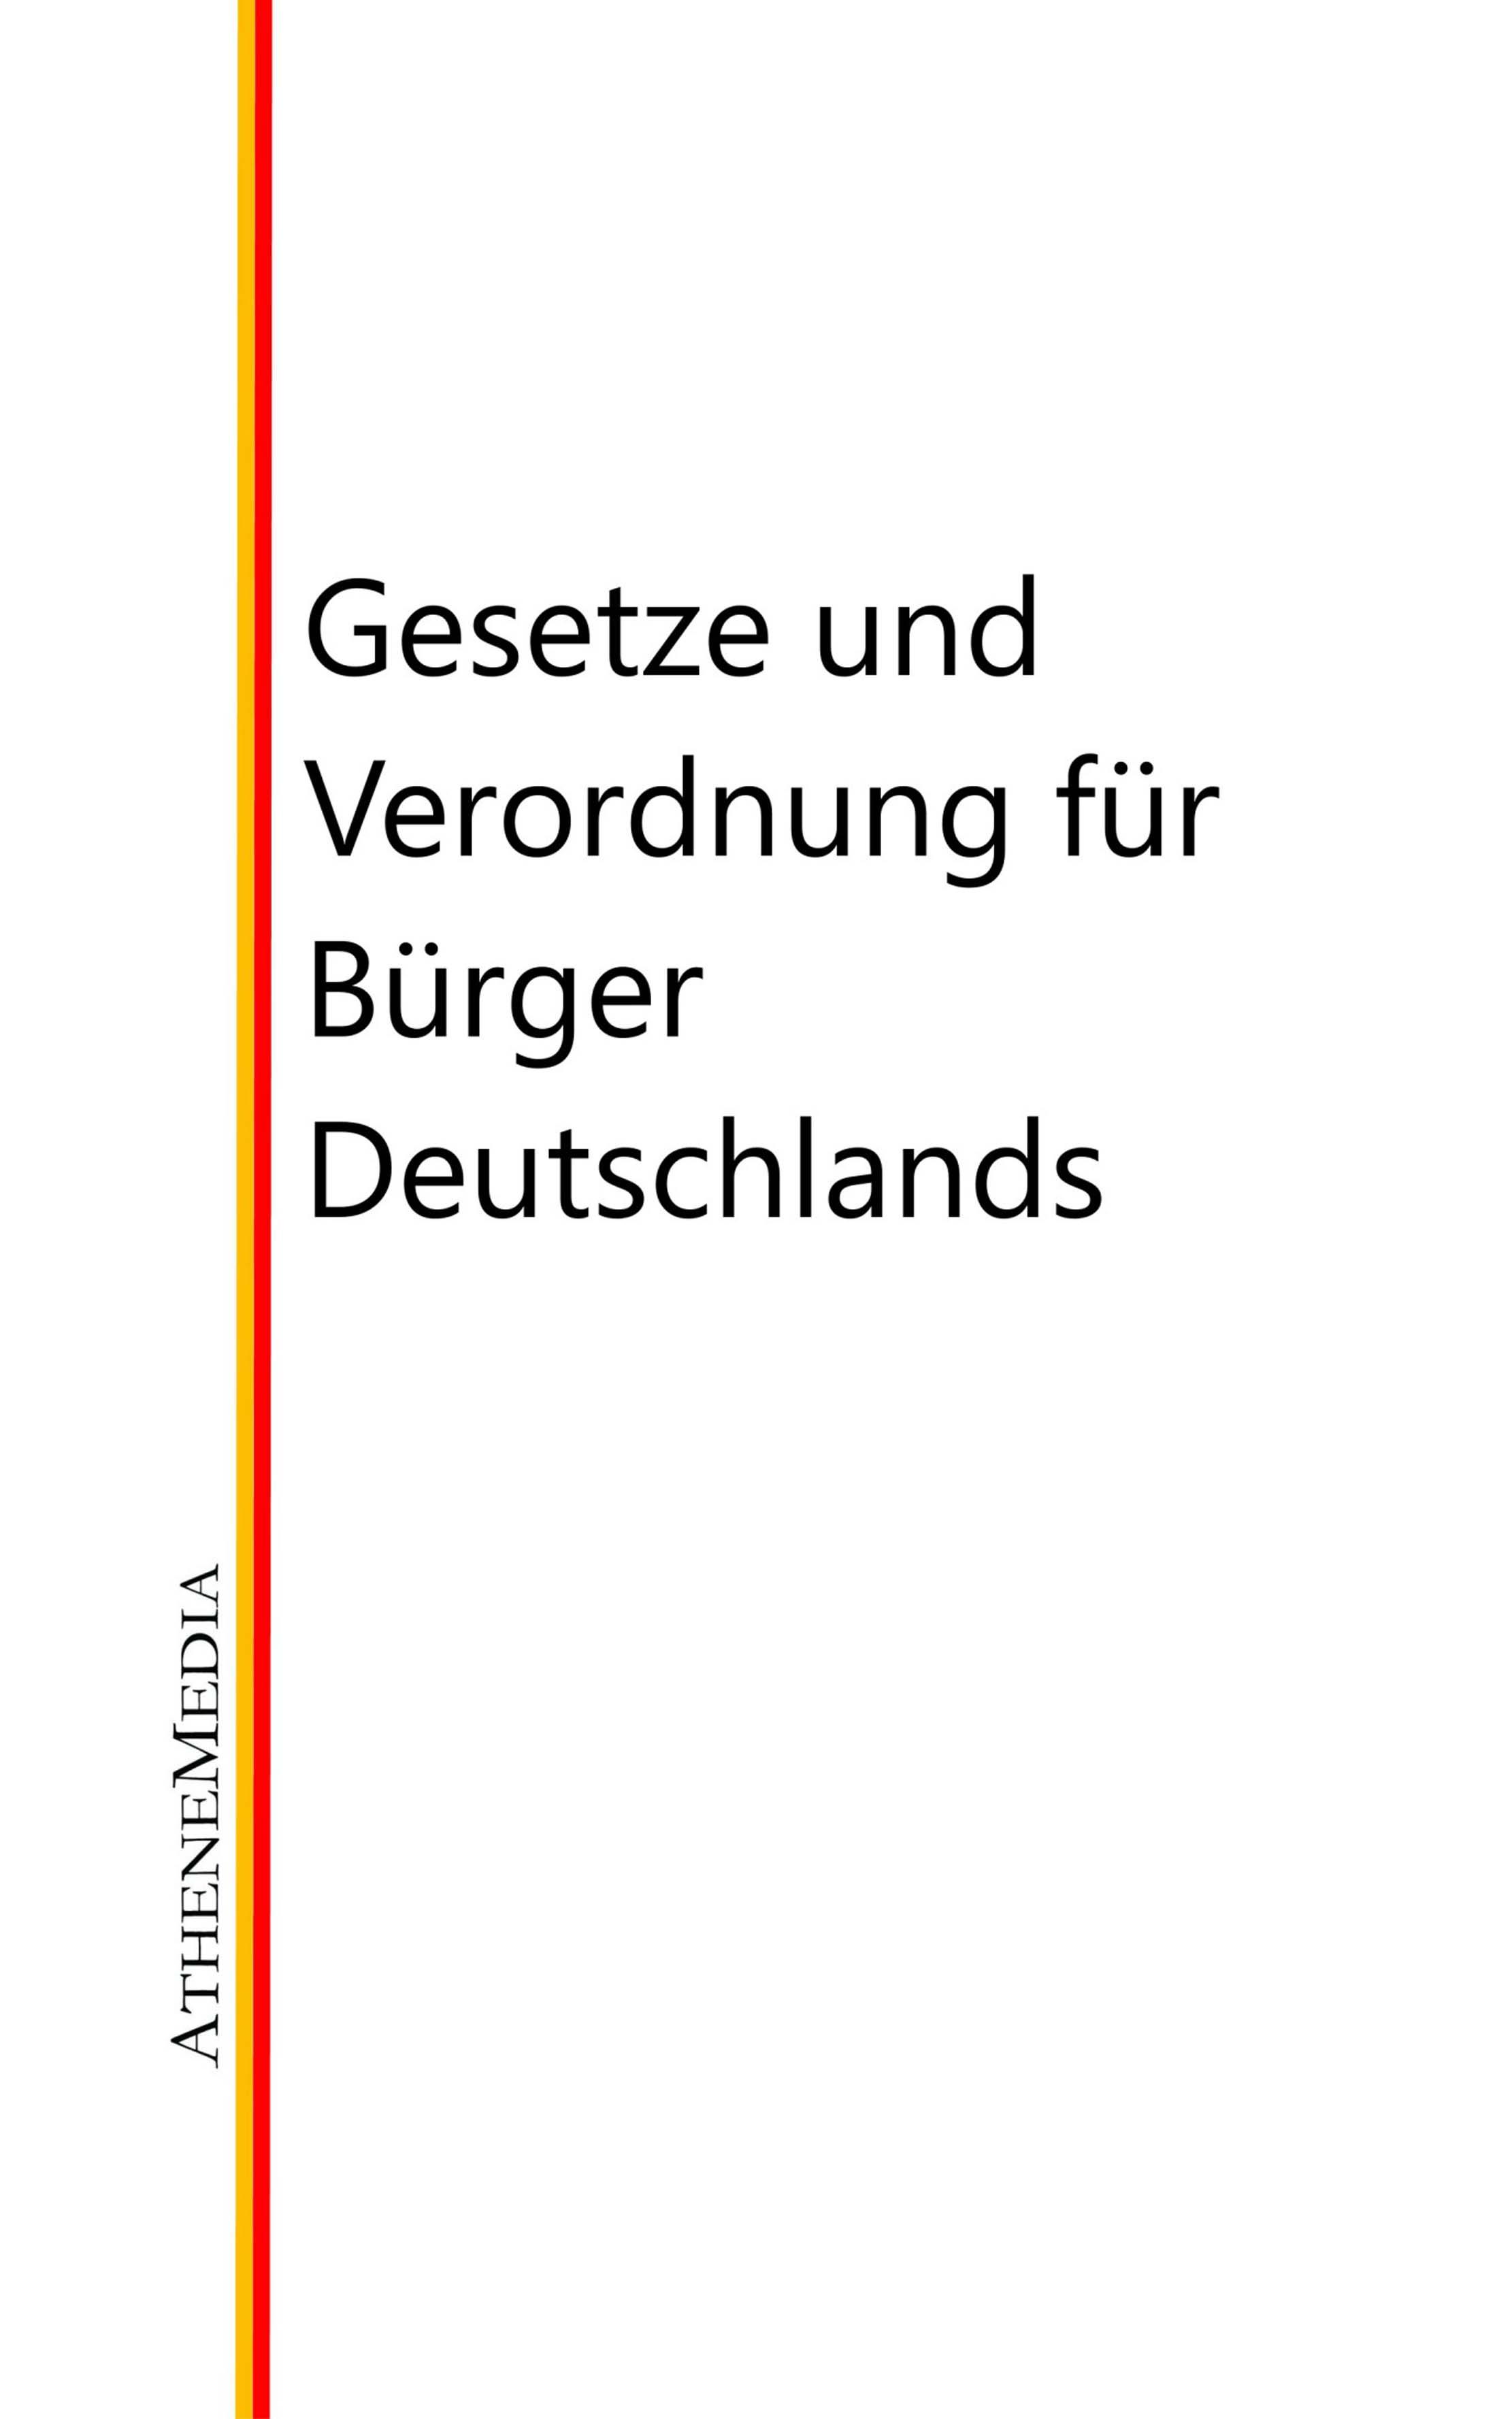 Отсутствует Gesetze und Verordnung für Bürger Deutschlands walther rathenau an deutschlands jugend